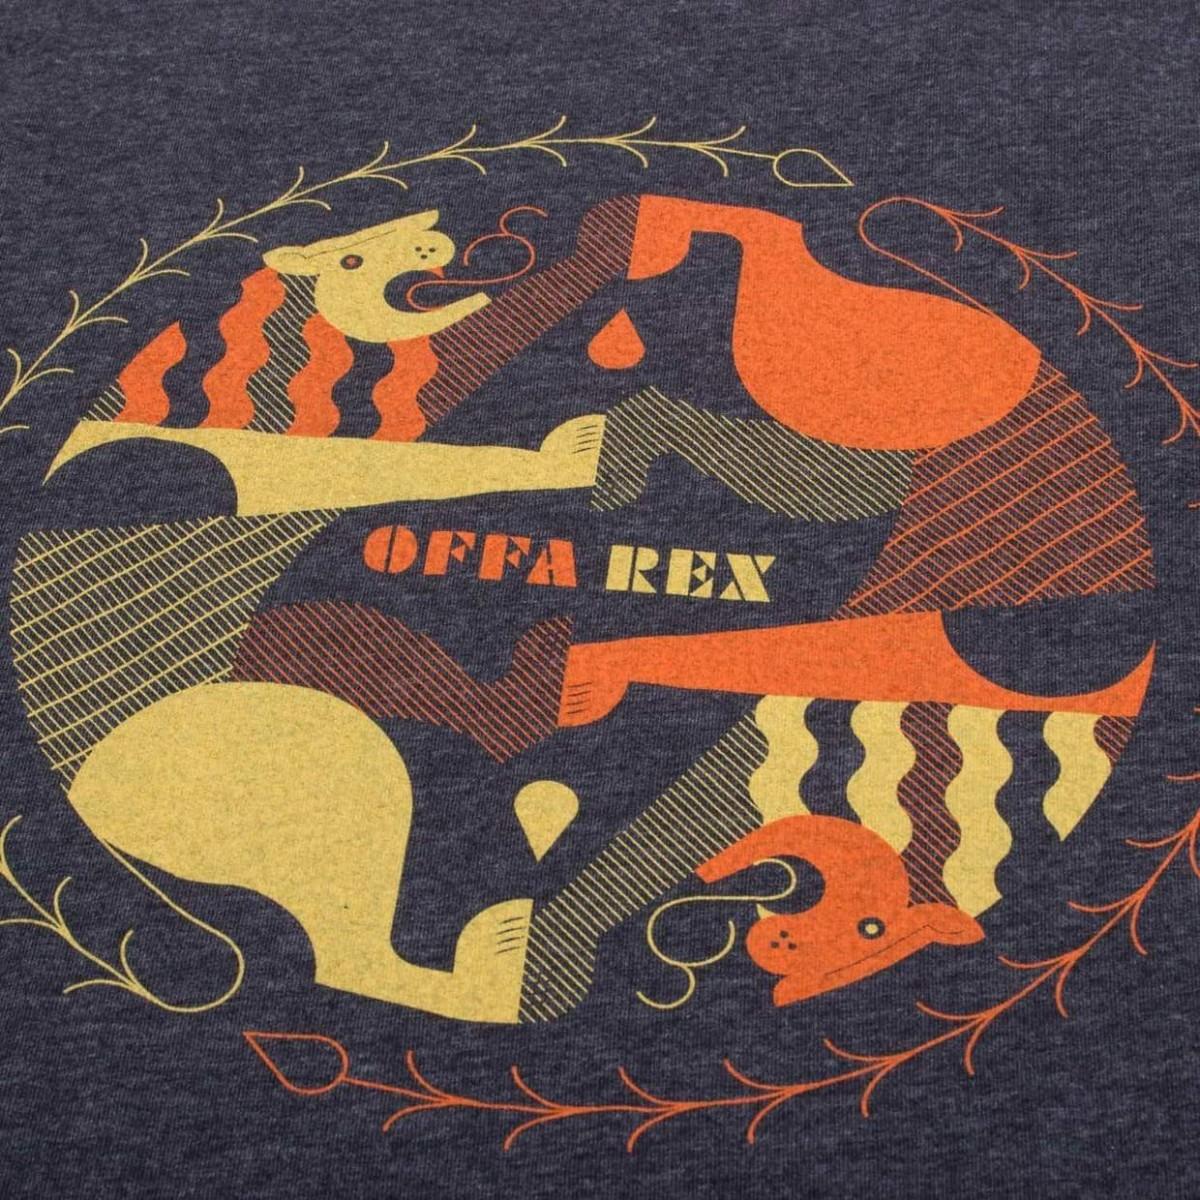 Offa Rex 'Lions' Tee